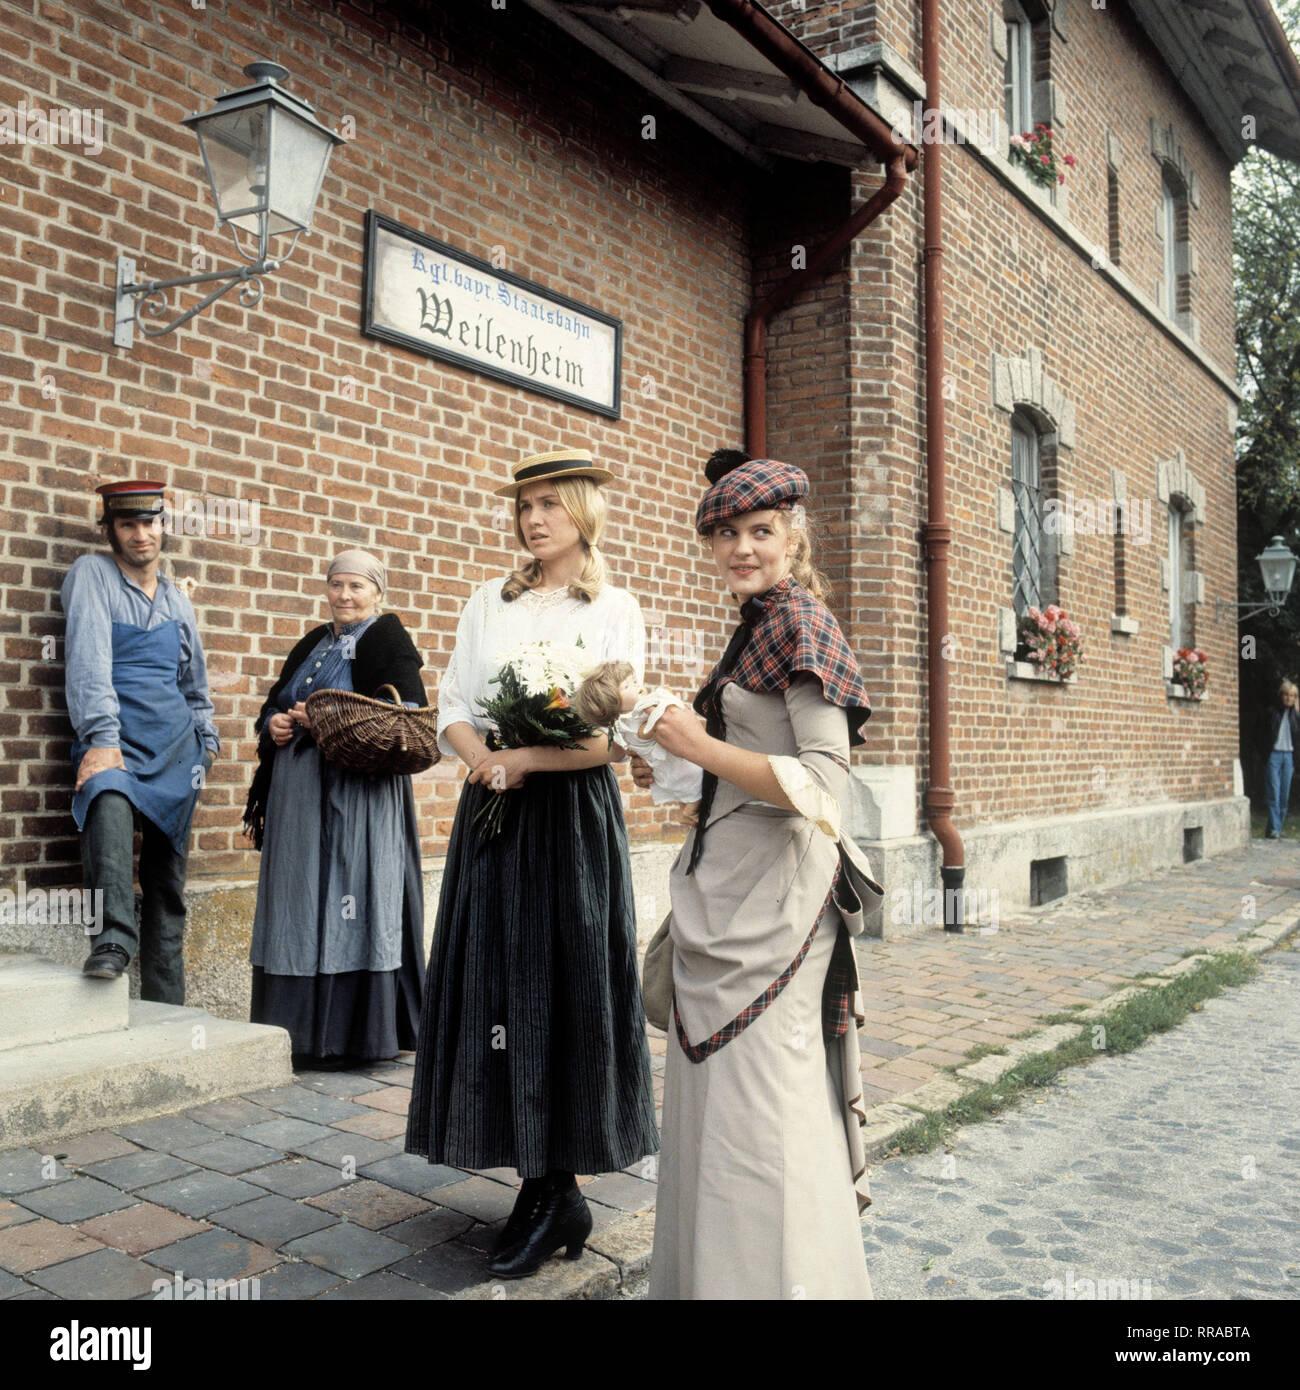 DER TROTZKOPF / Folge 5 - Erste Liebe / BRD 1983 / Helmut Ashley / TV-Mehrteiler von 1983: Szene mit ANJA SCHÜTE. EM / Schüte / Überschrift: DER TROTZKOPF / BRD 1983 Immagini Stock